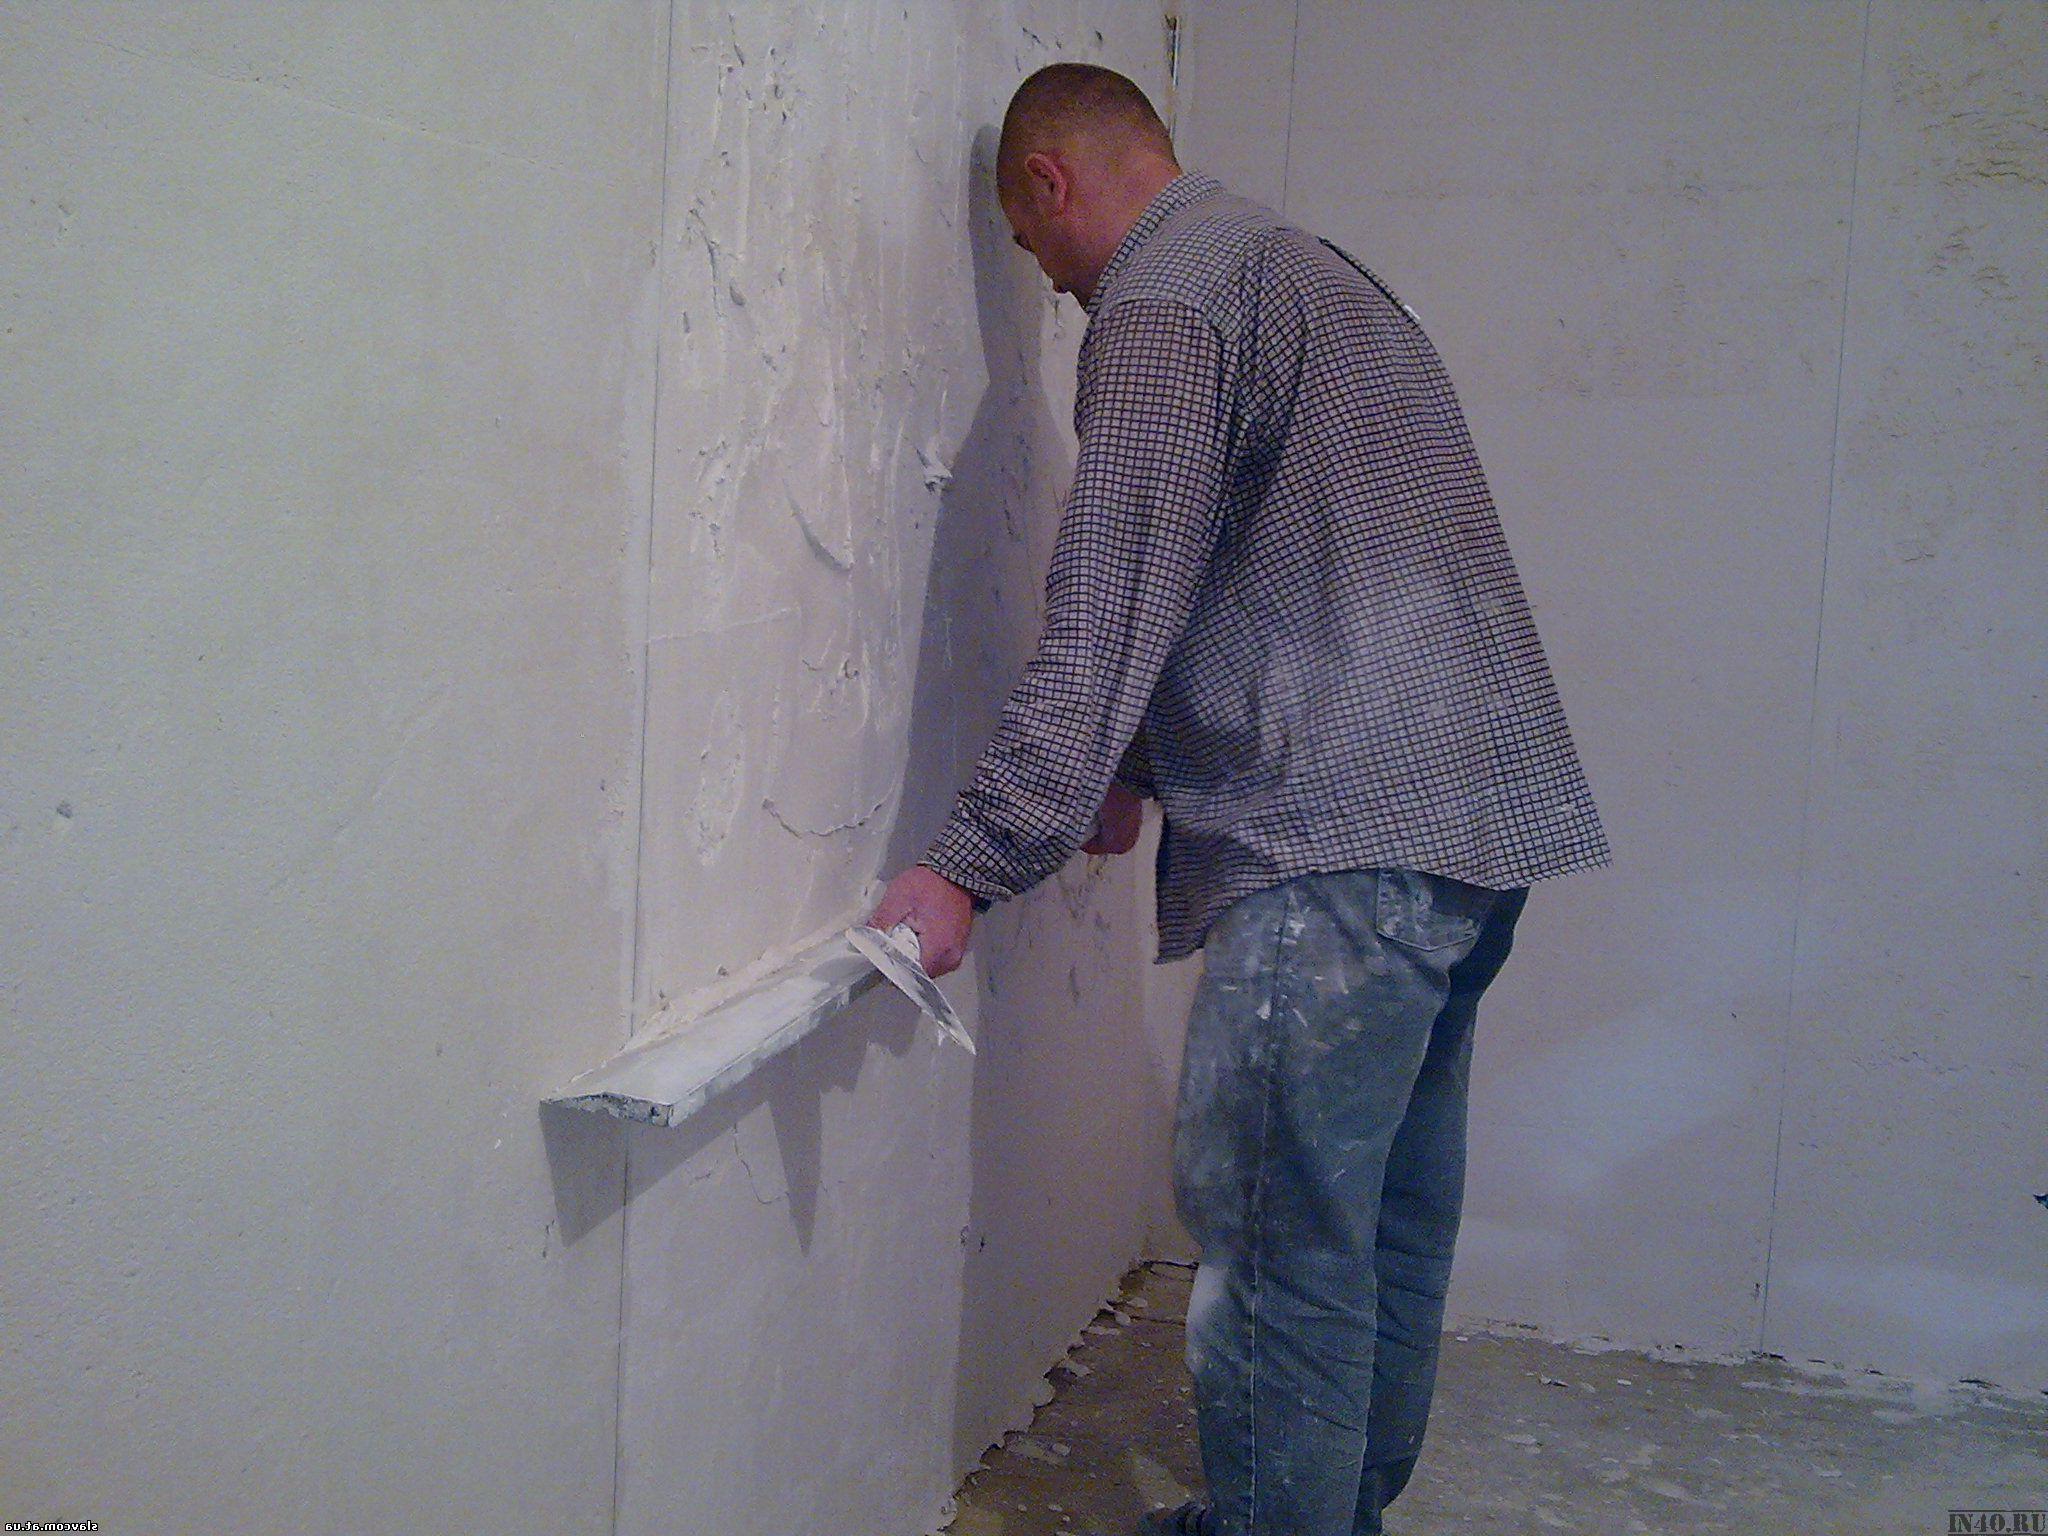 идея применения выравнивания стен под обои в ремонте дома